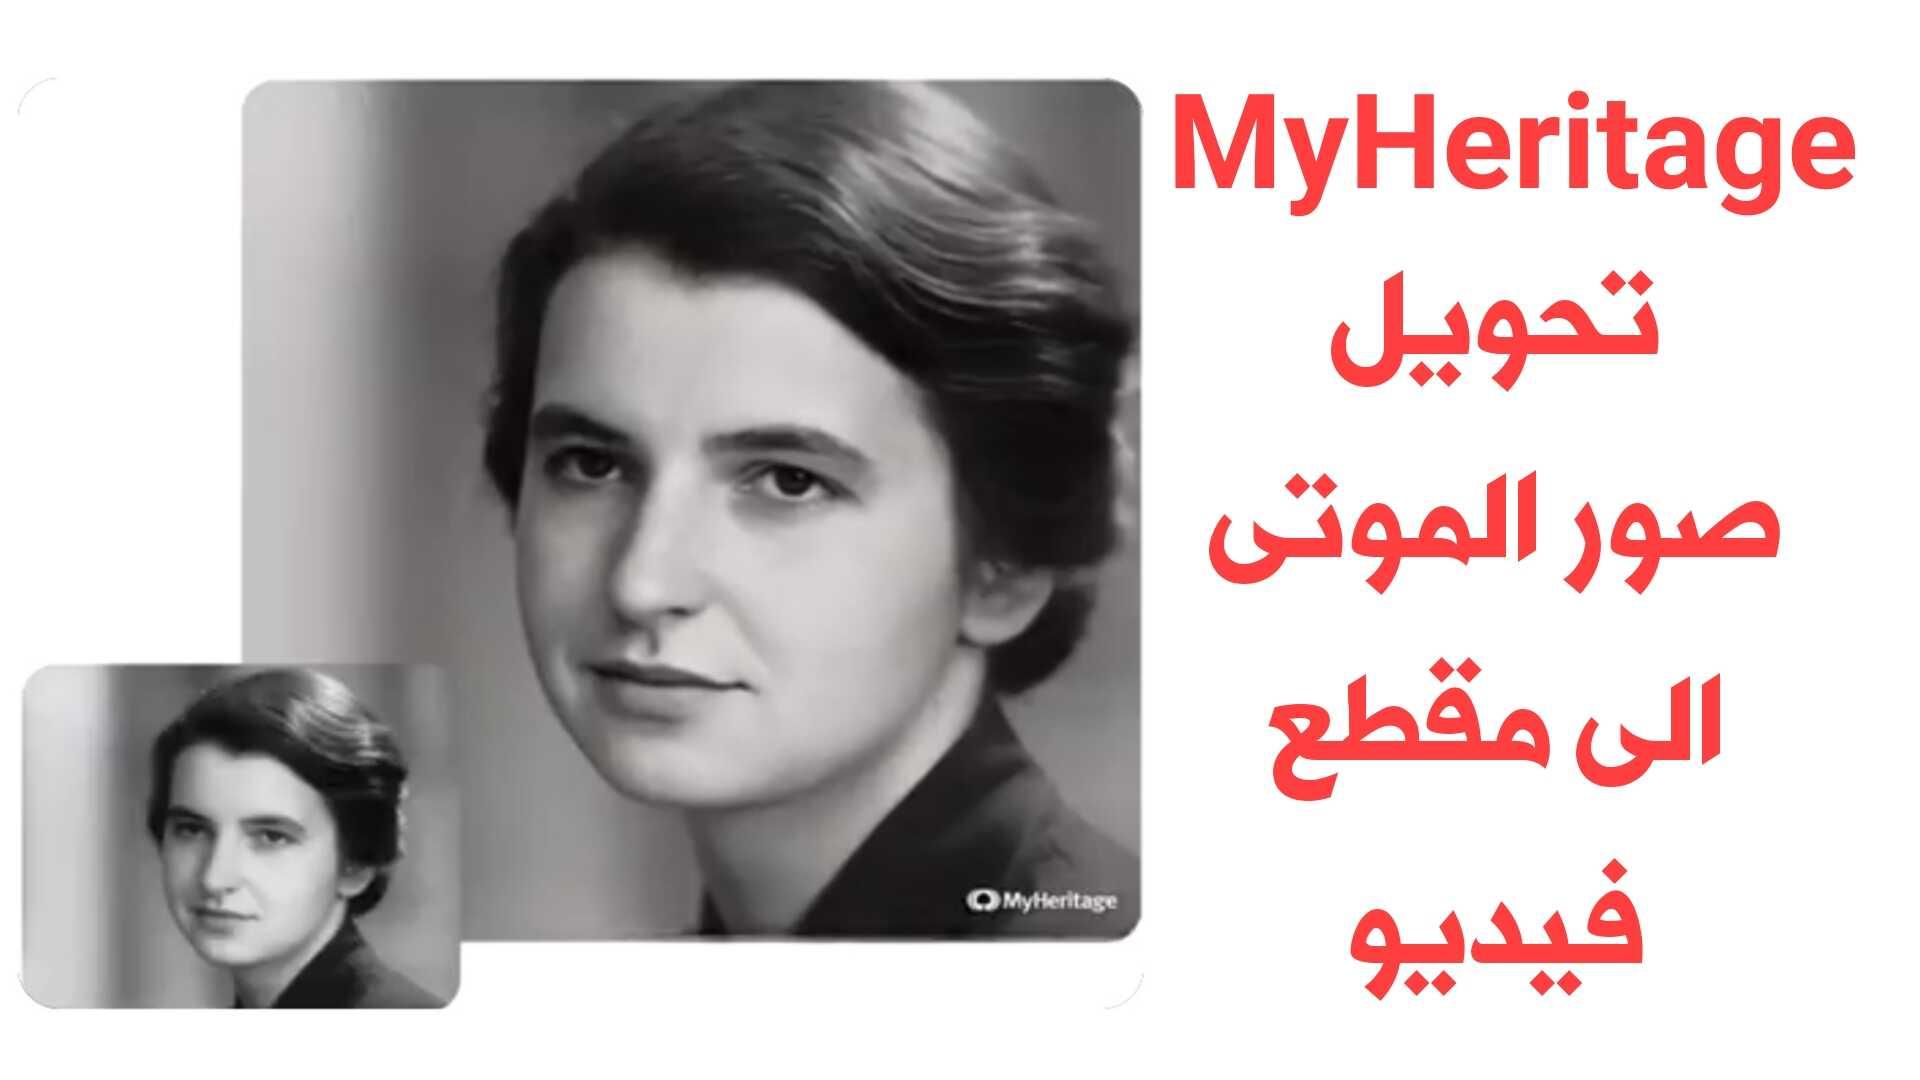 شركة MyHeritage للأنساب تحول صور الموتى الى مقاطع فيديو